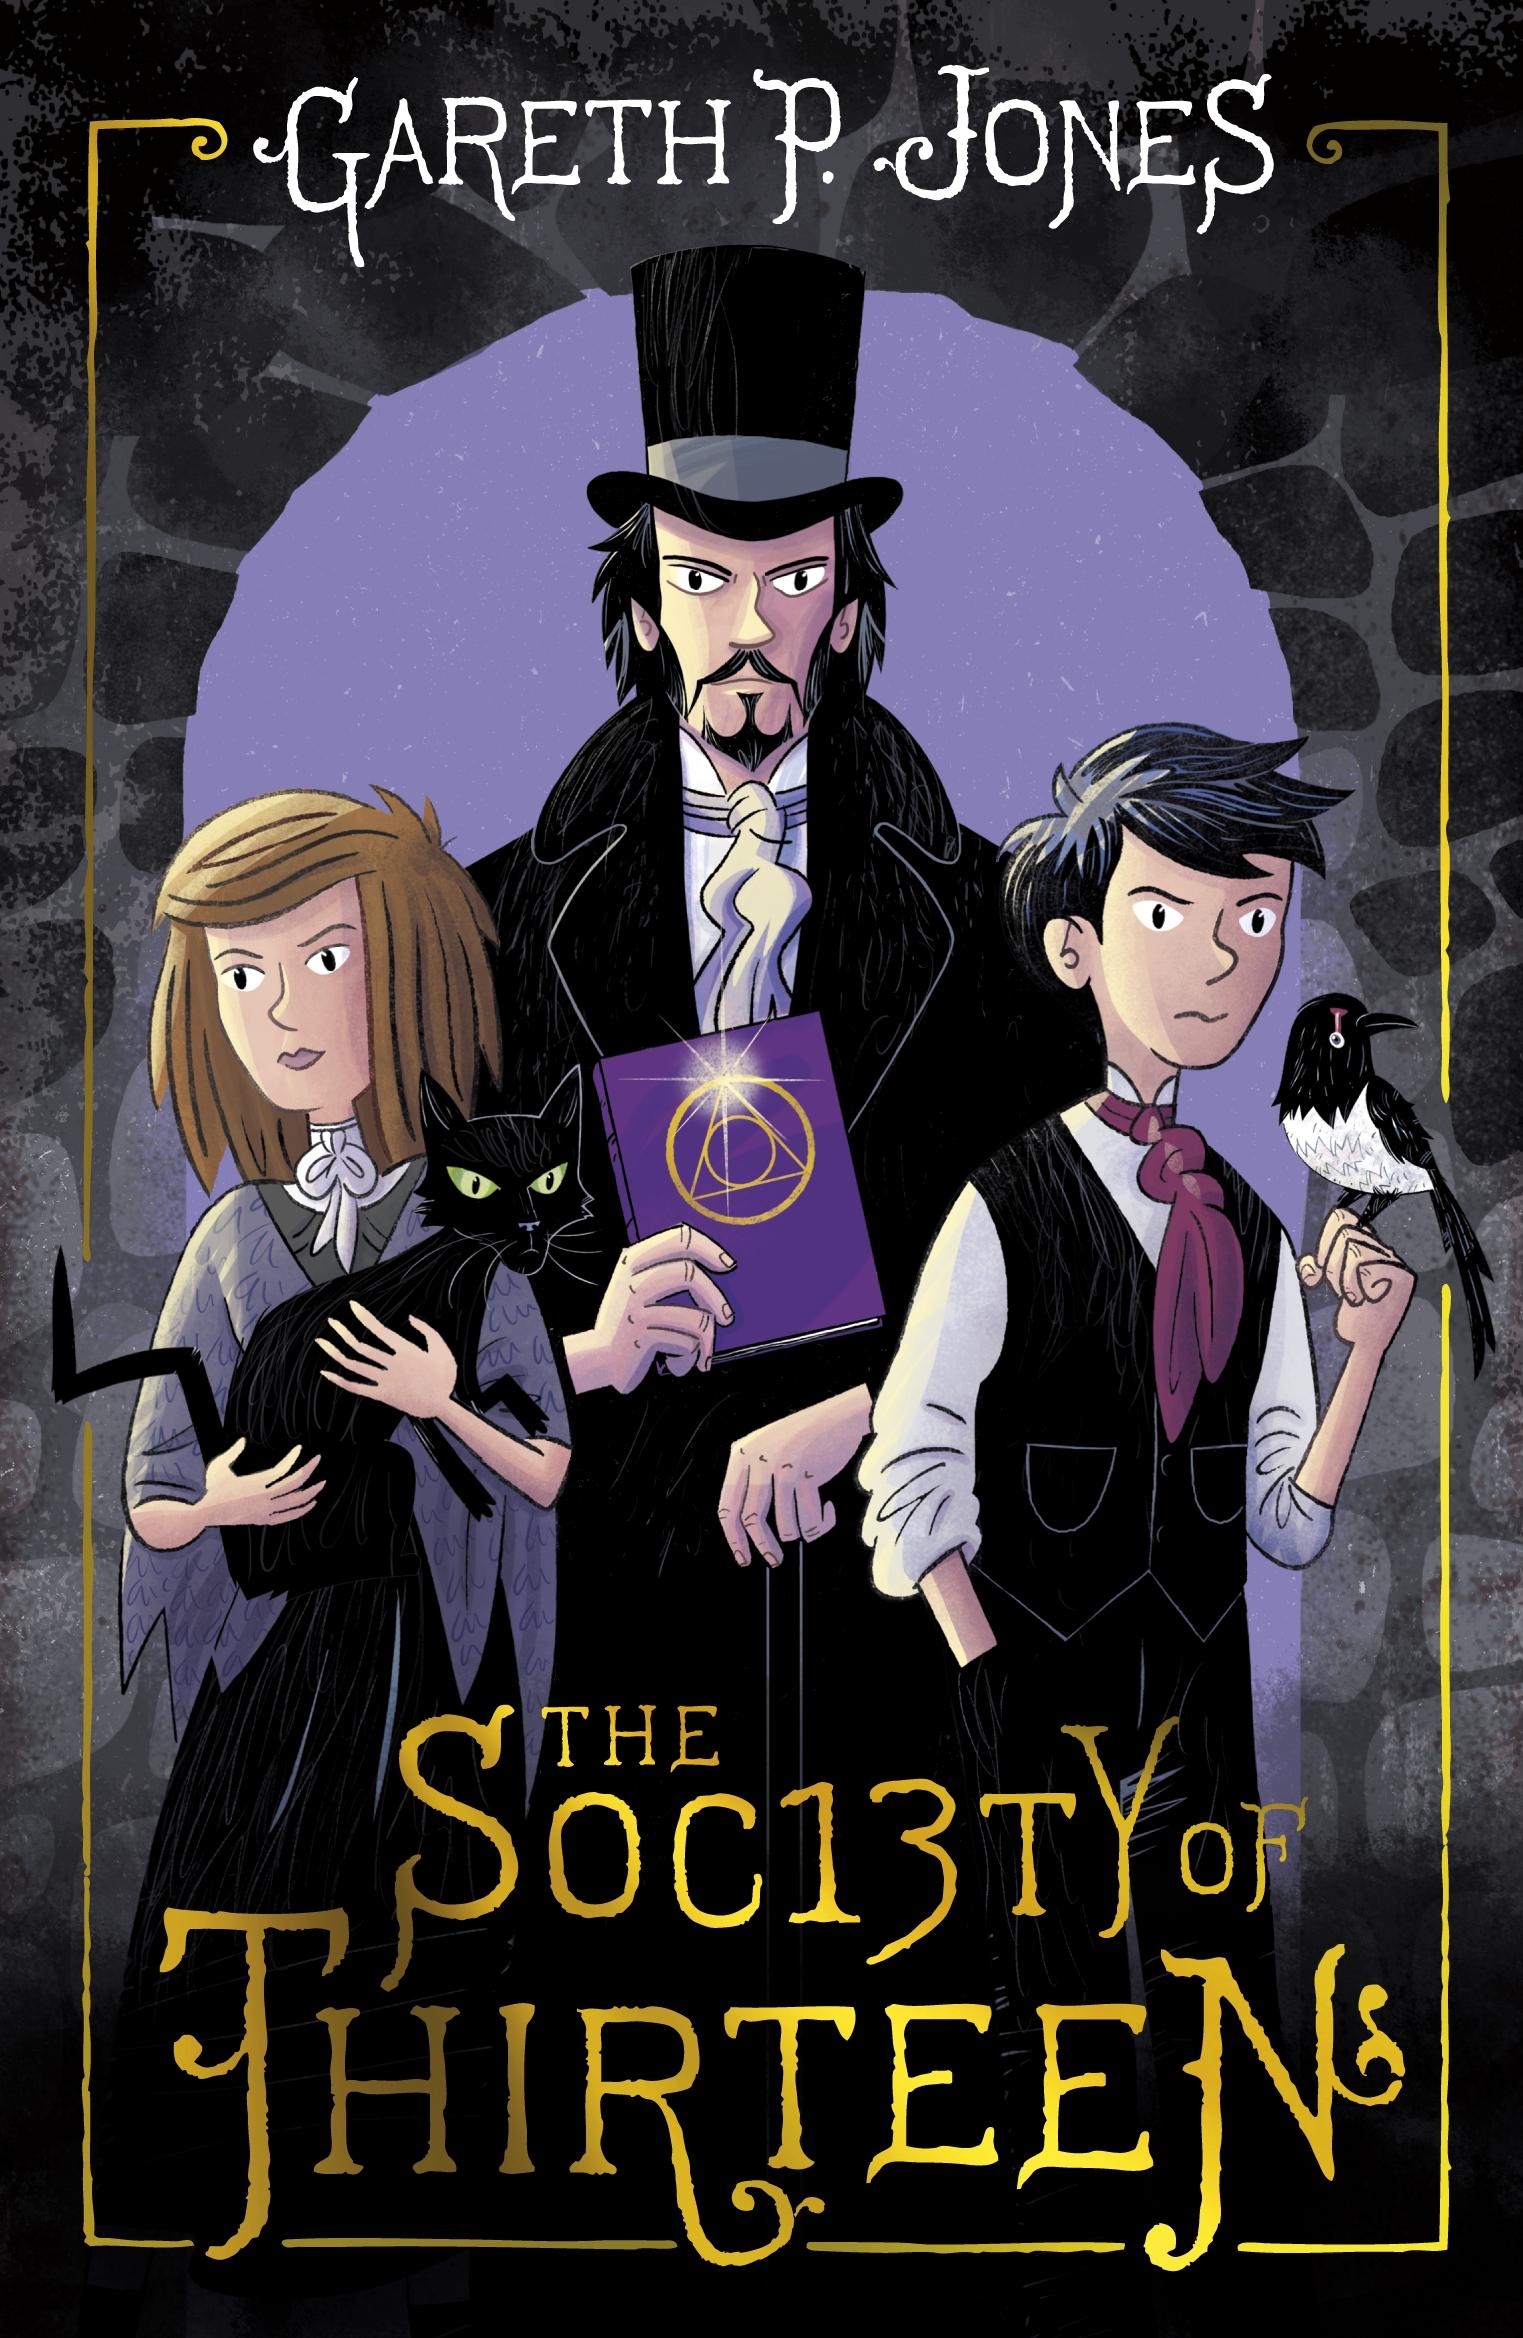 The Society of Thirteen by Gareth P. Jones